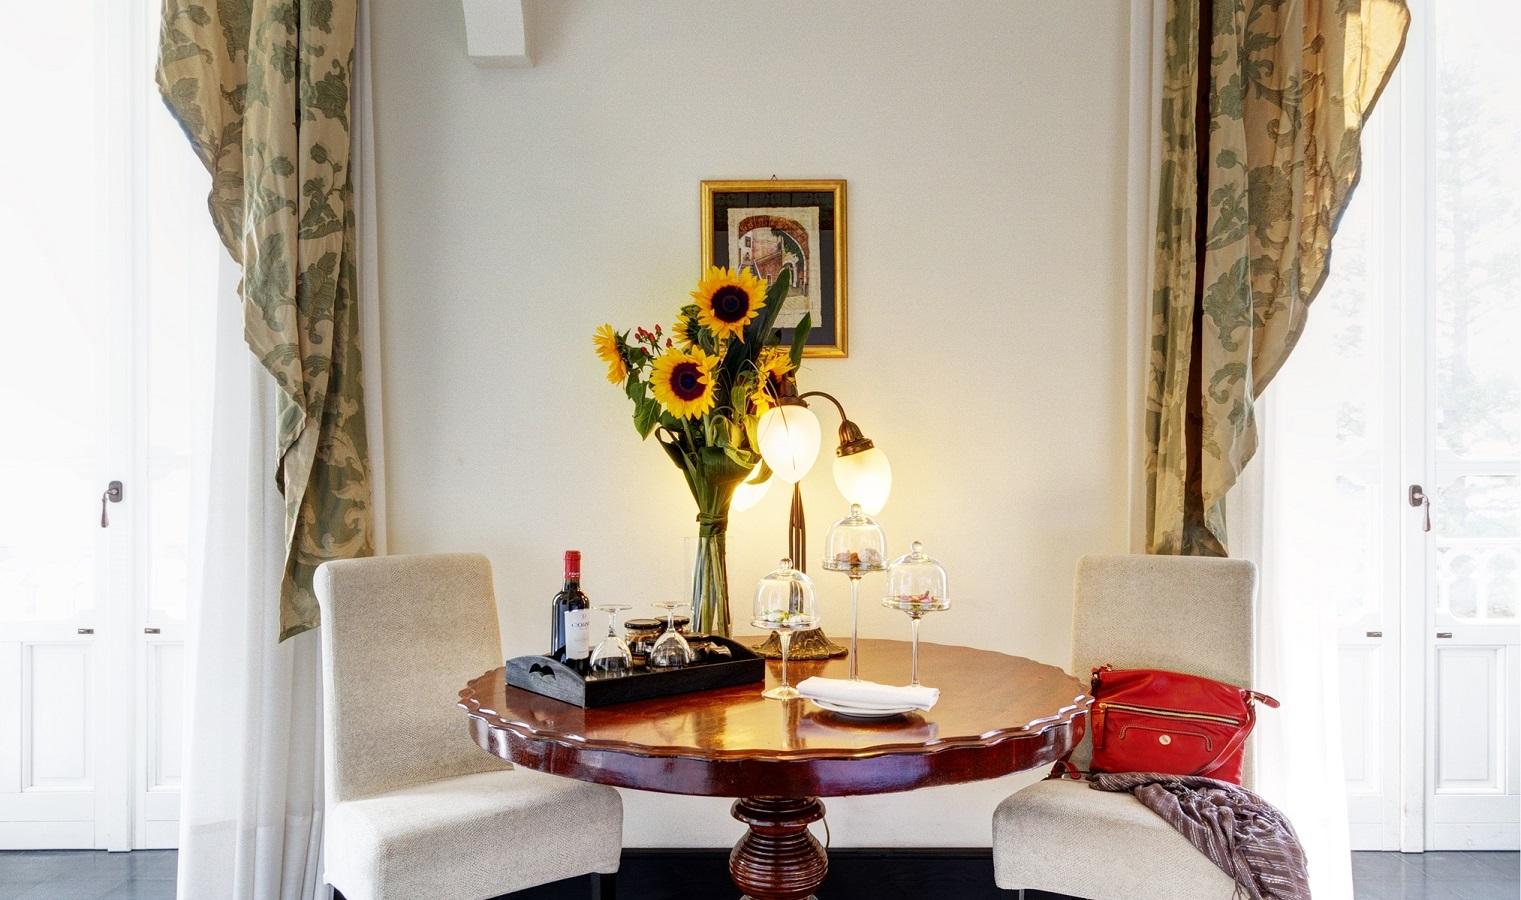 Dettagli grand hotel des trangers siracusa for Hotel des etrangers siracusa